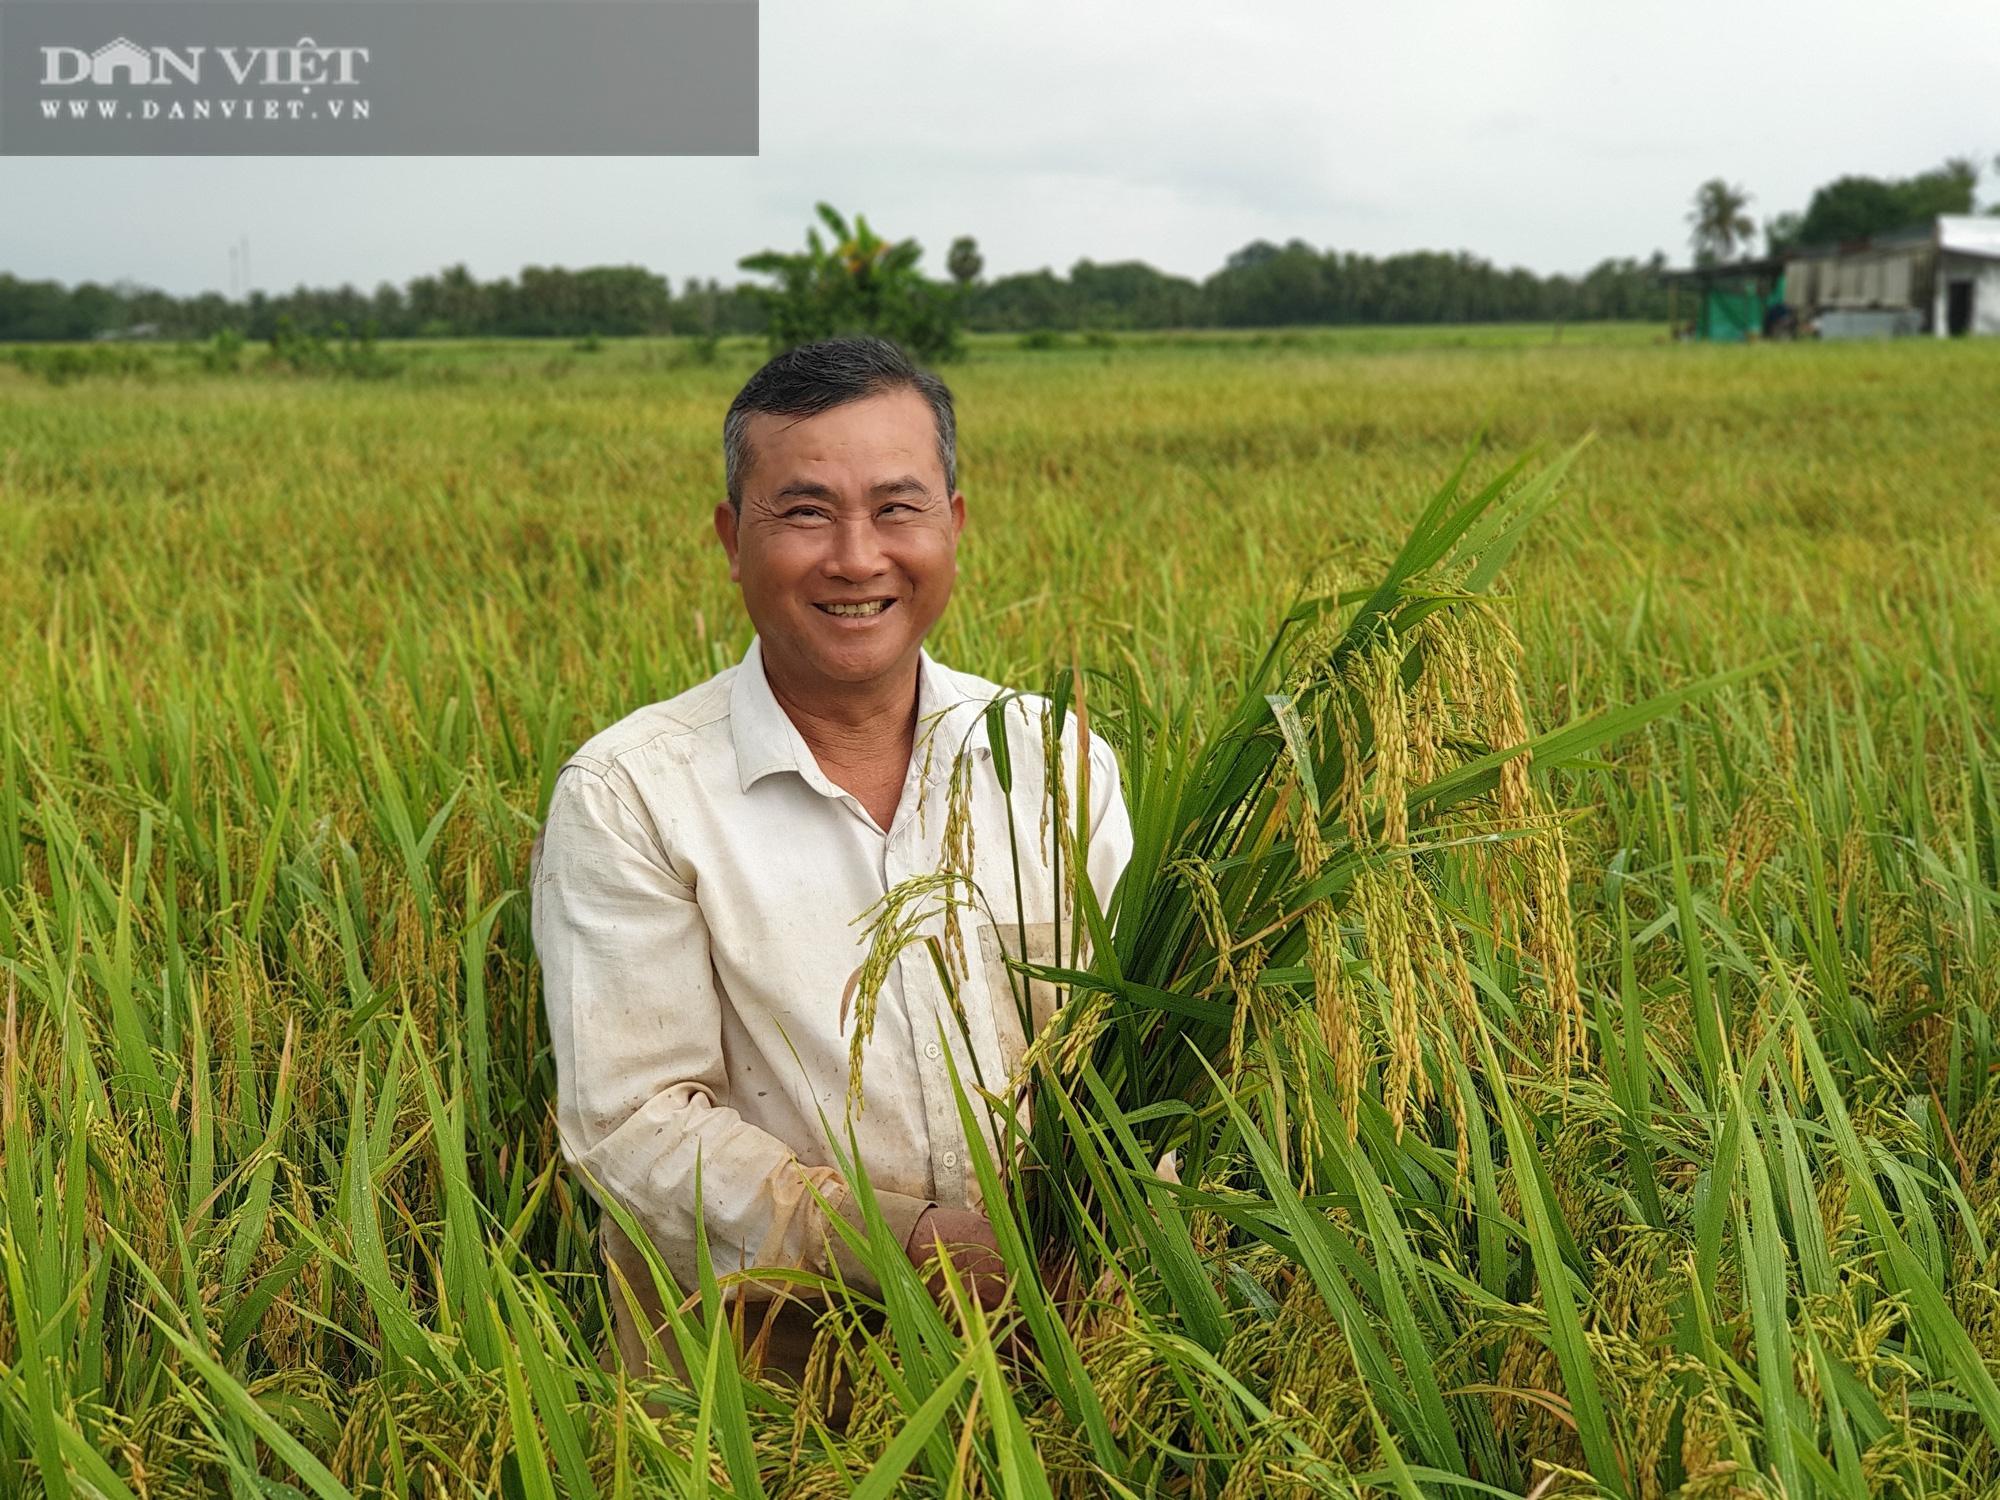 Lão nông ngủ chòi lá, chỉ trồng hẹ, trồng lúa nhưng có hàng tỷ đồng làm từ thiện - Ảnh 4.